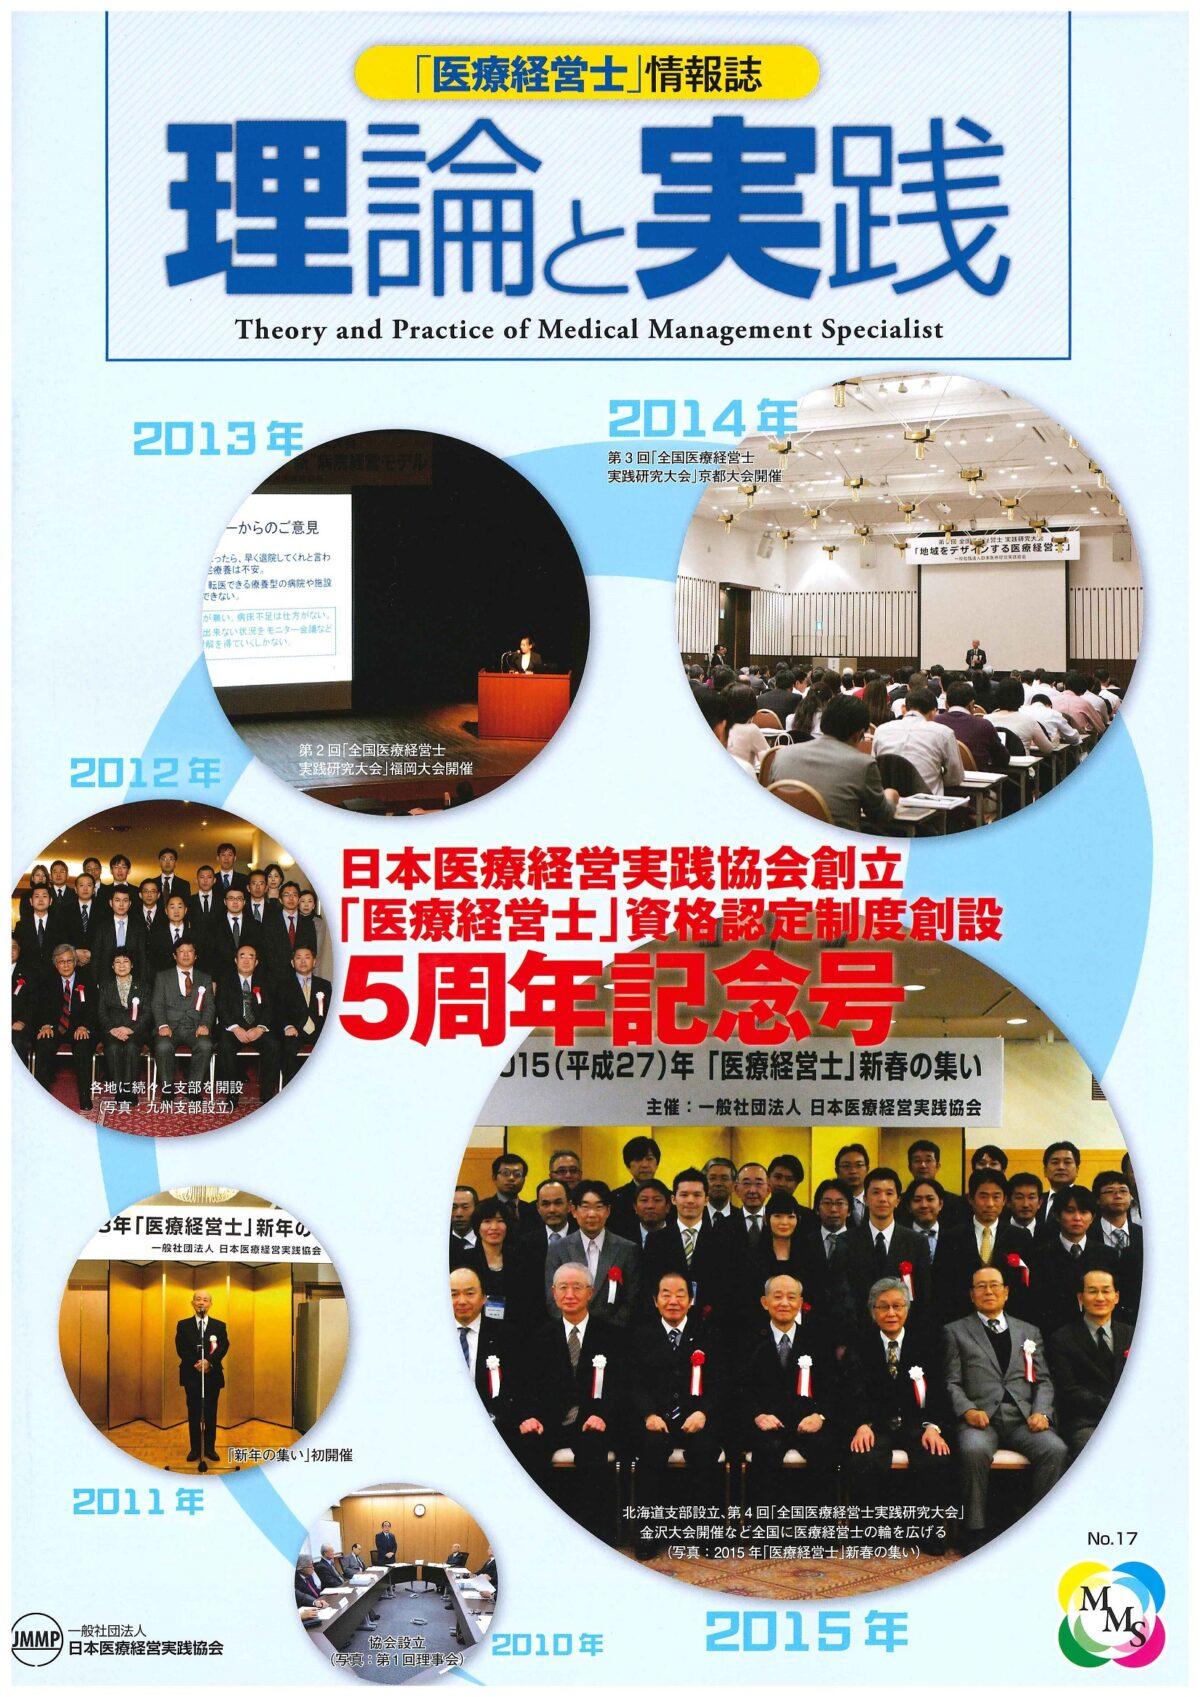 日本医療経営実践協会 創立5周年に寄せて